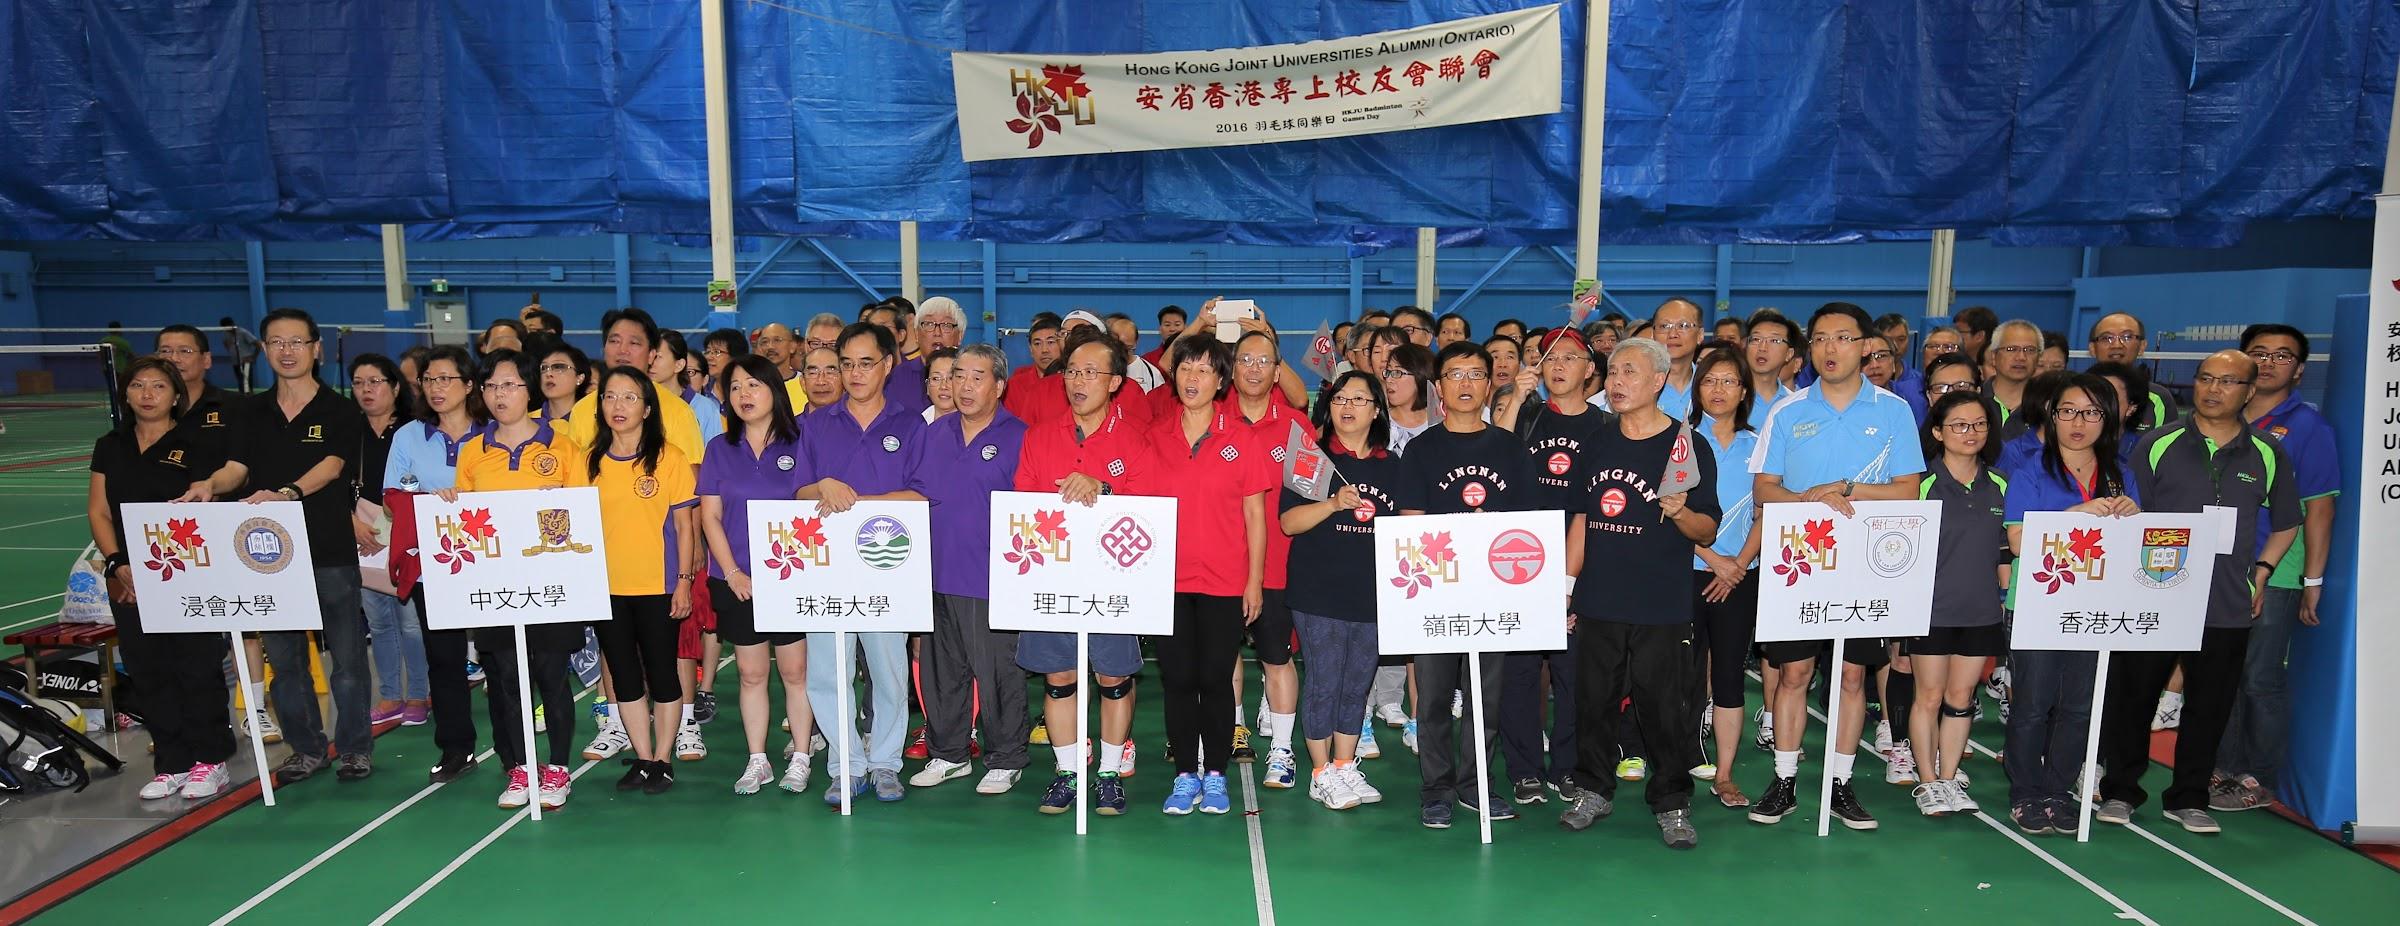 September 18, 2016 HKJU Badminton Fun Day and Gala Dinner